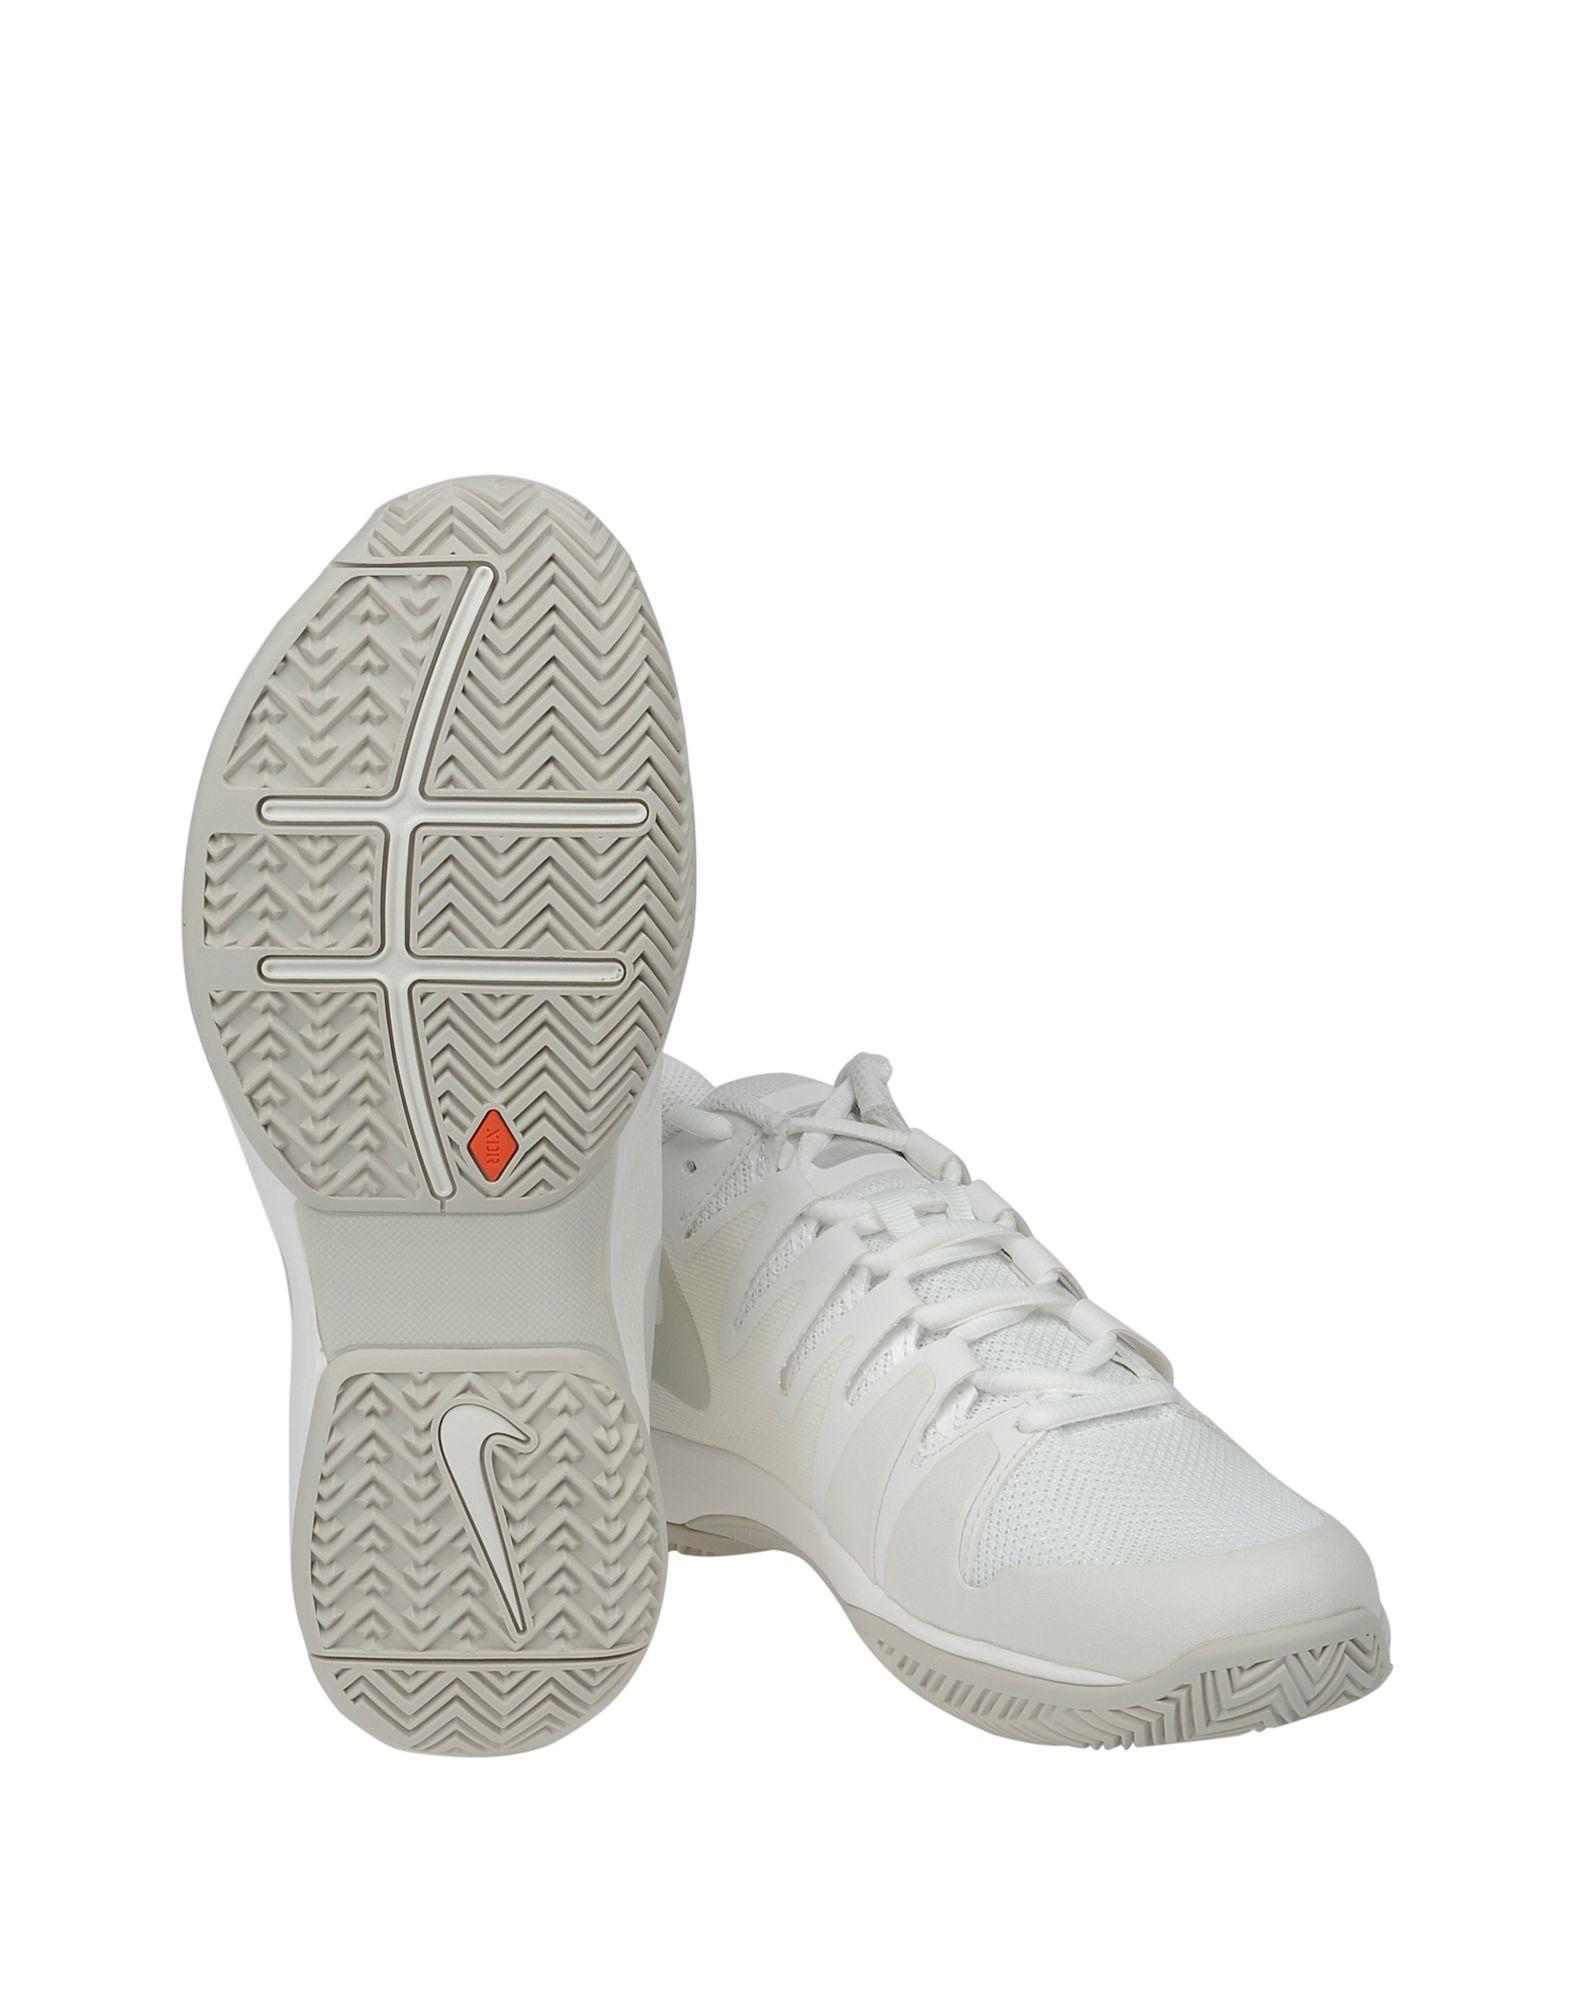 Nike Wmns Nike Zoom Vapor Vapor Vapor 9.5 Tour  11032794UK Gute Qualität beliebte Schuhe 5a3ade